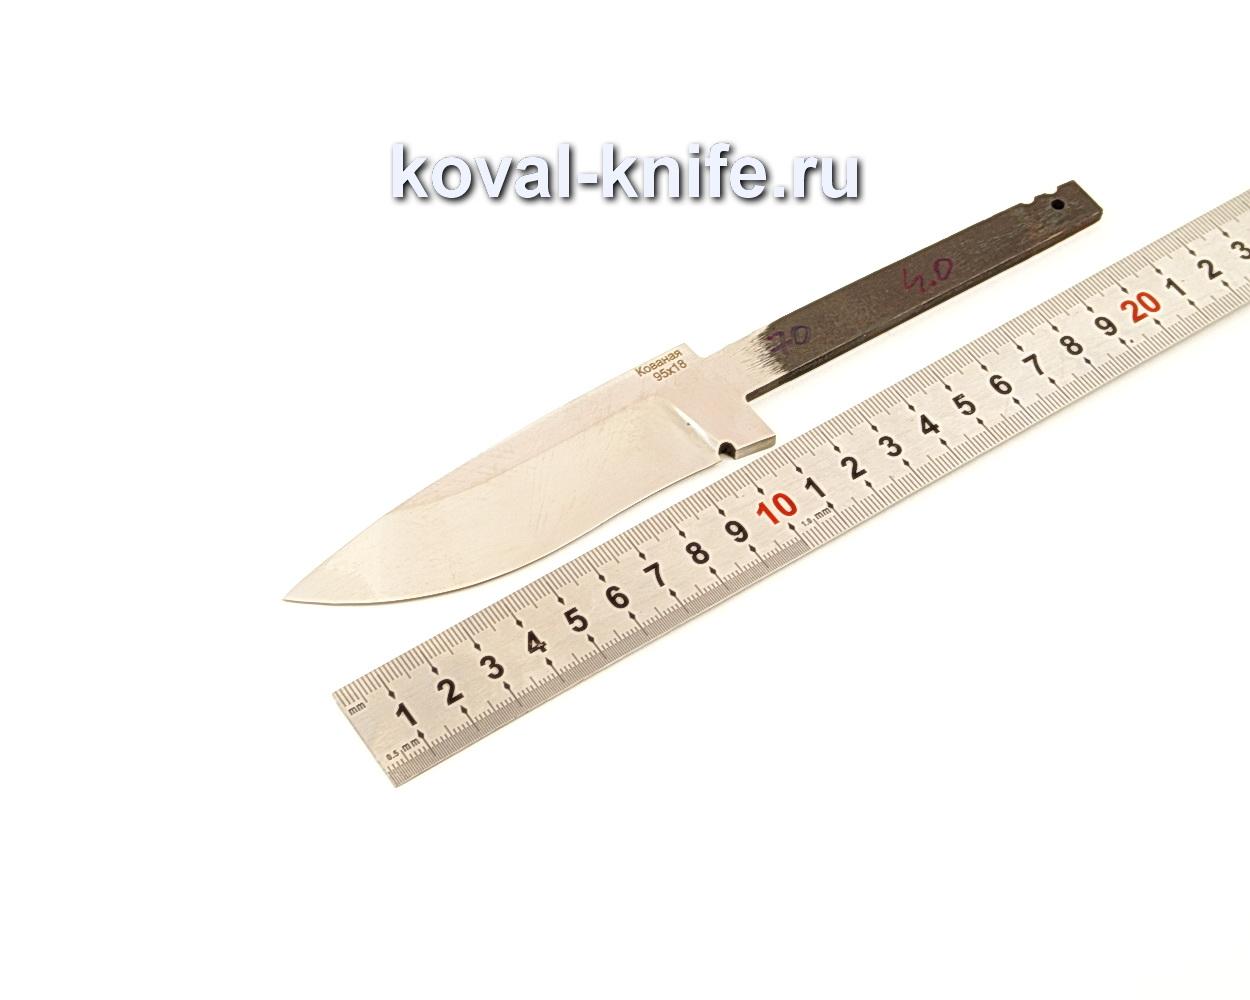 Клинок для ножа из кованой стали 95Х18 N70